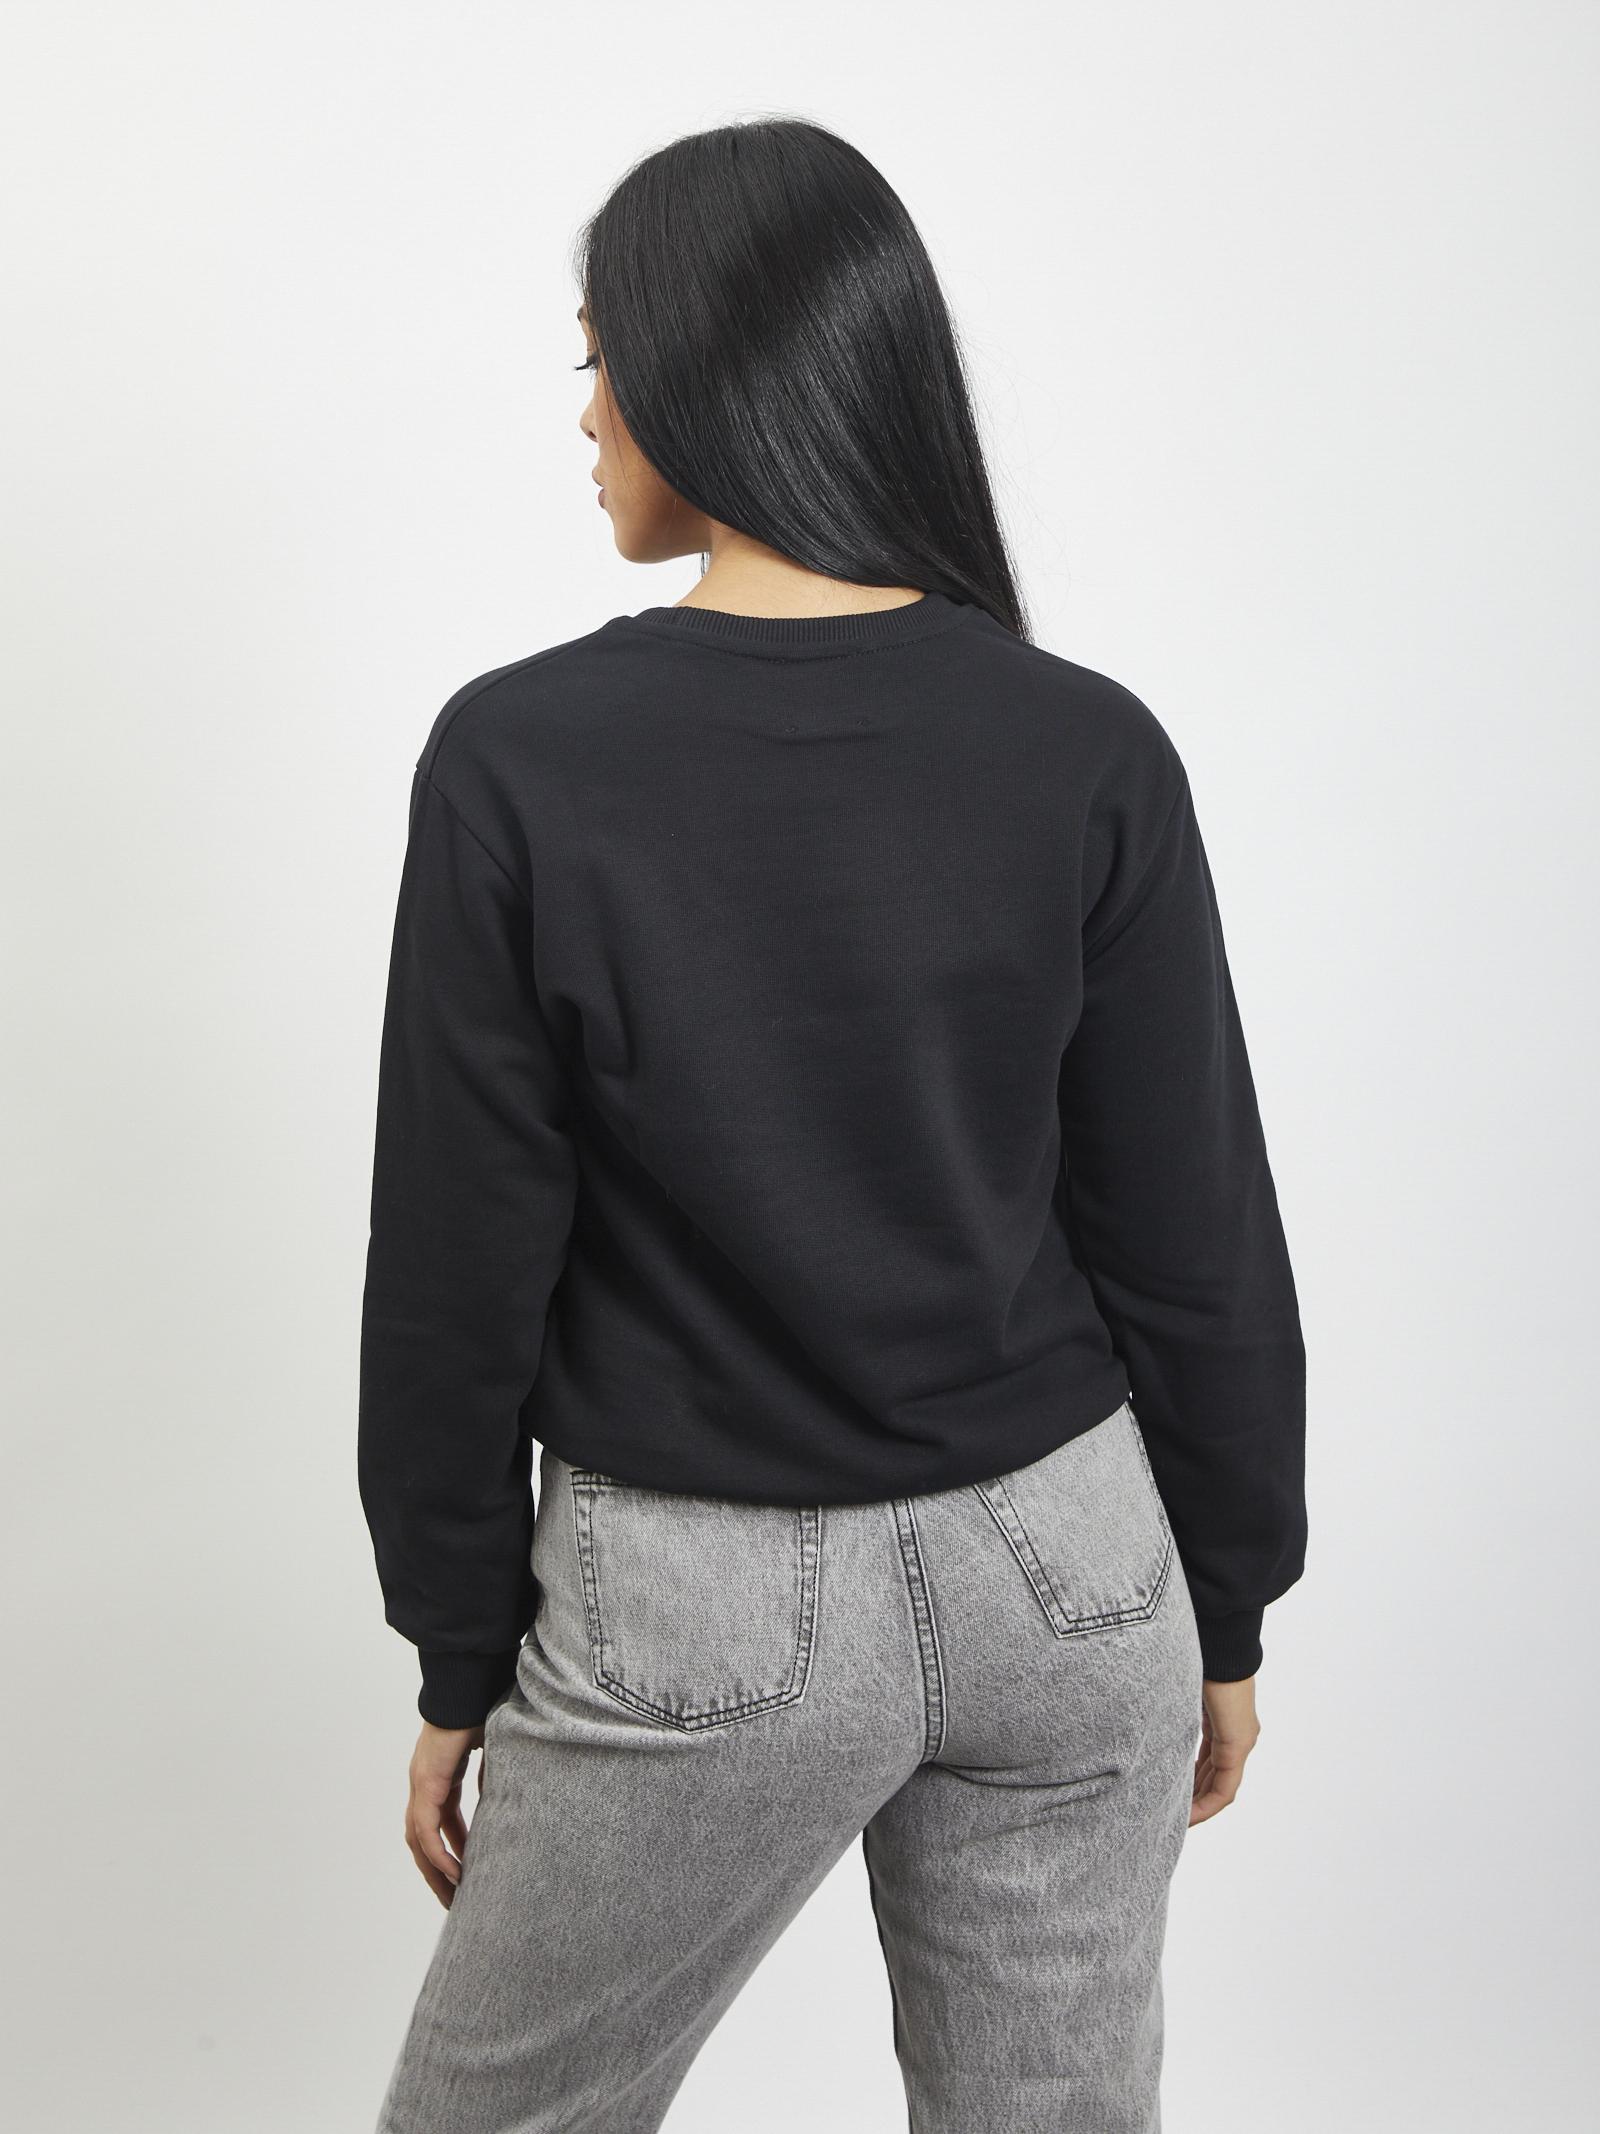 Sweater REVER | Hoodies | RA37220DGIALLO